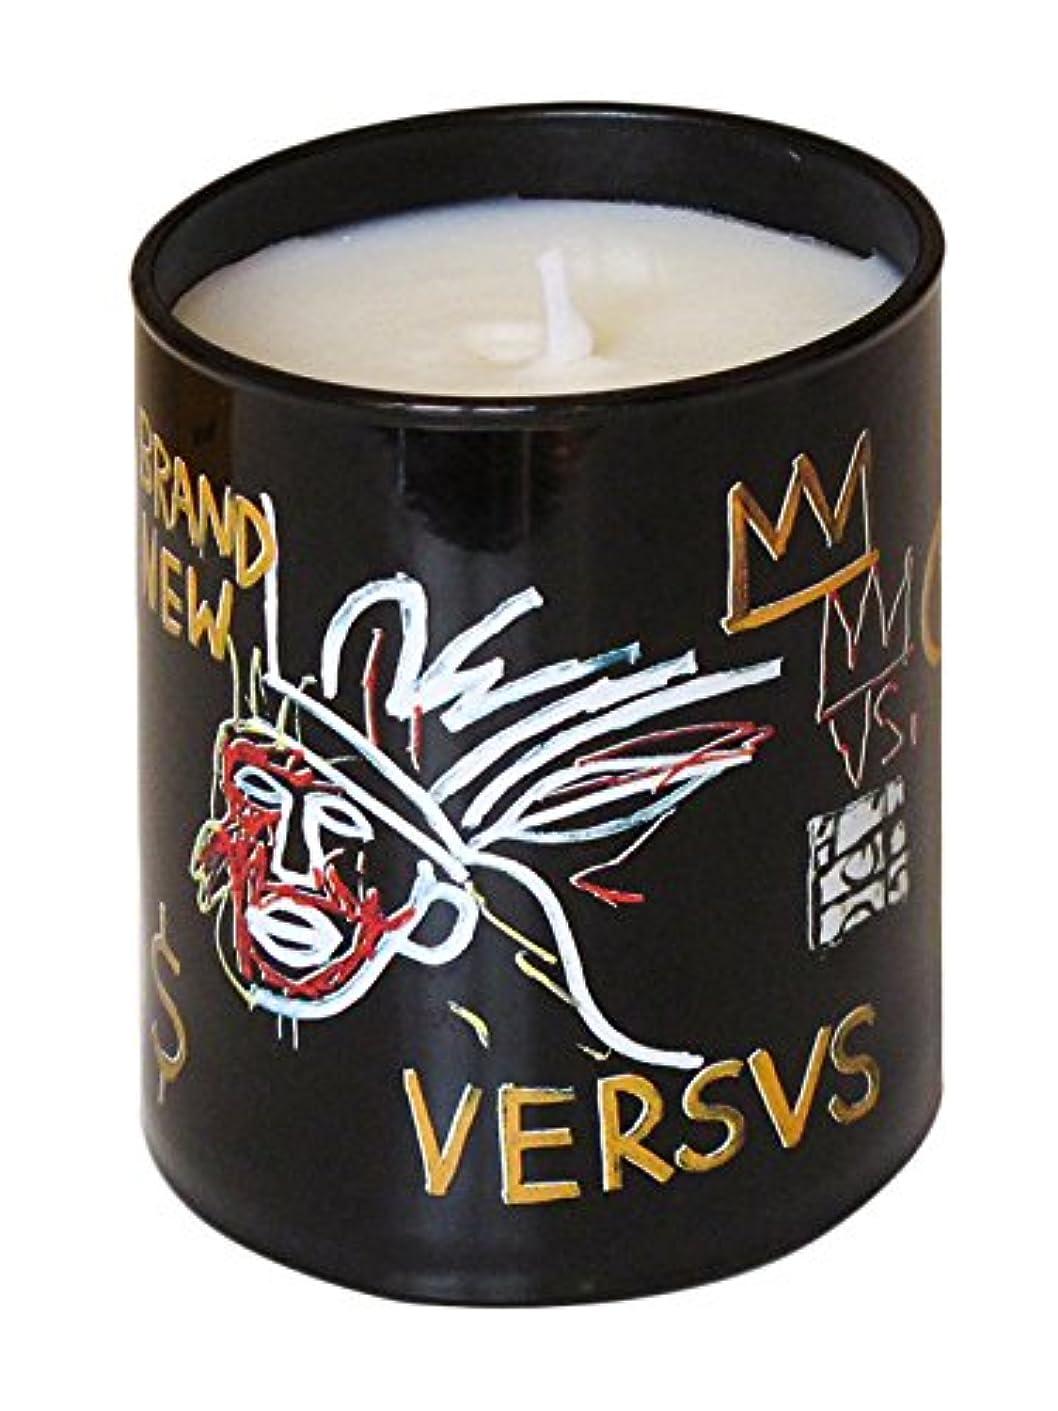 超えるテクニカルオーバーコートジャン ミシェル バスキア ヴァーサス キャンドル(Jean-Michael Basquiat Perfumed Candle